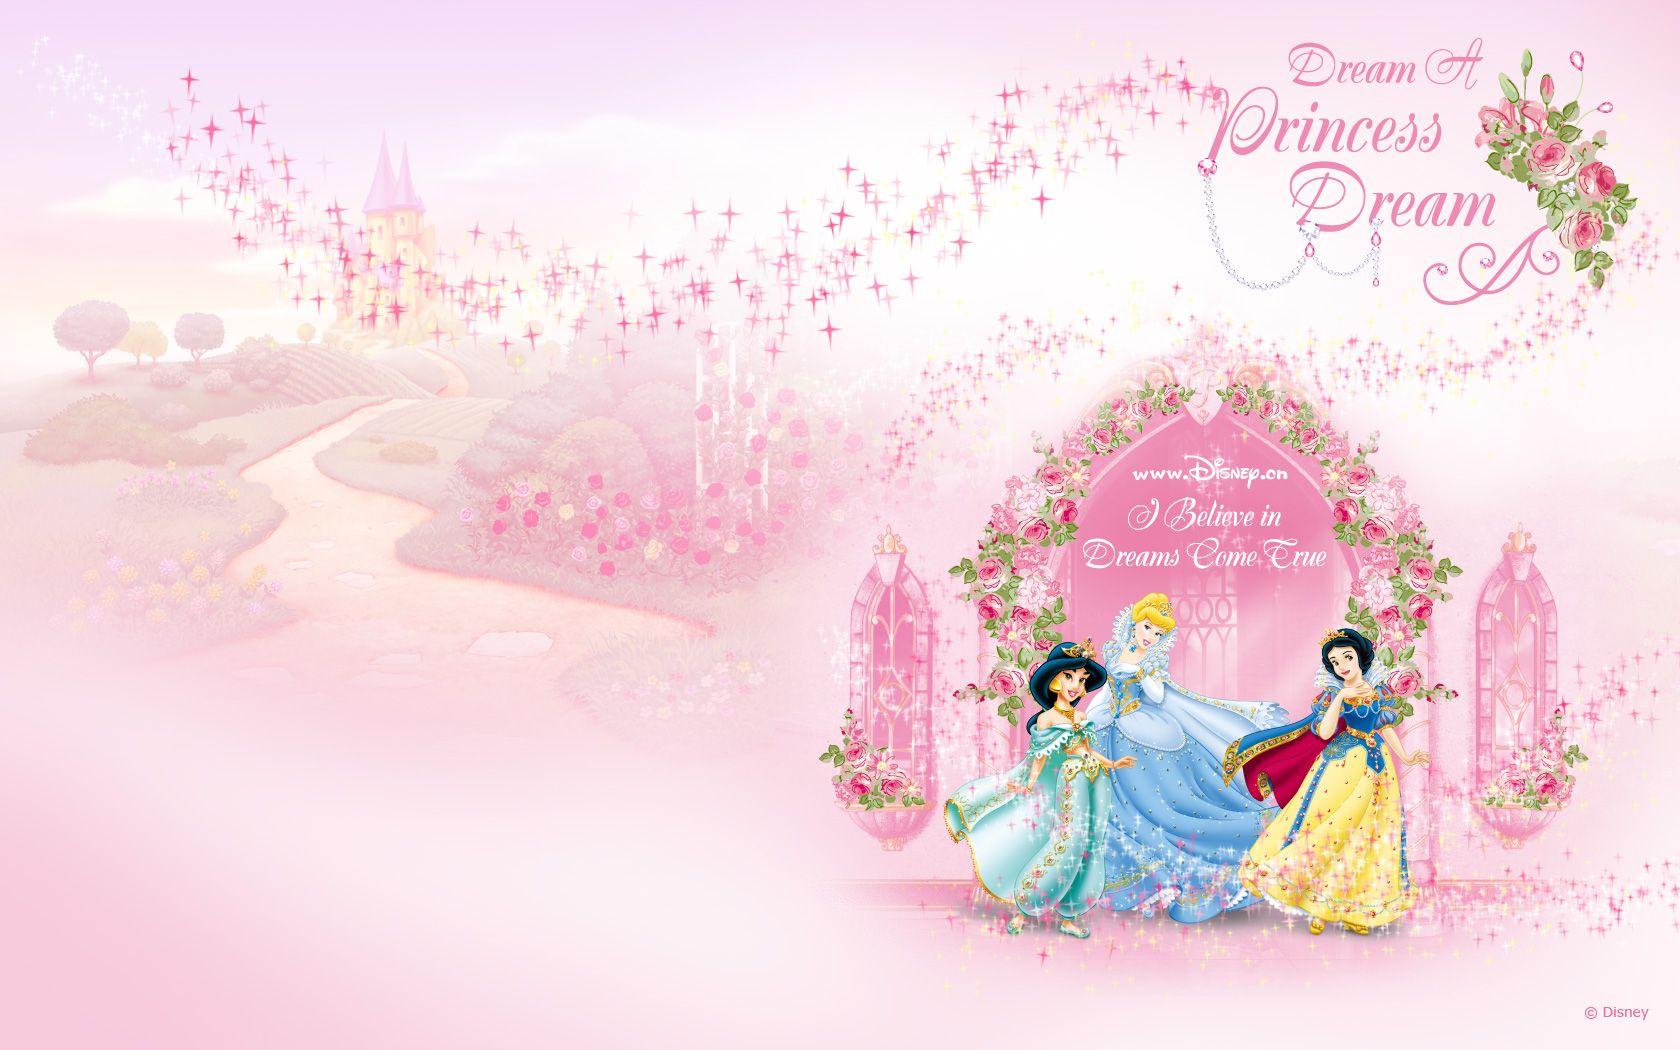 Princess Fhdq Image Constant Johnys 1440 900 Wallpaper Princess 59 Wallpapers Ado Disney Princess Wallpaper Princess Wallpaper Disney Princess Background